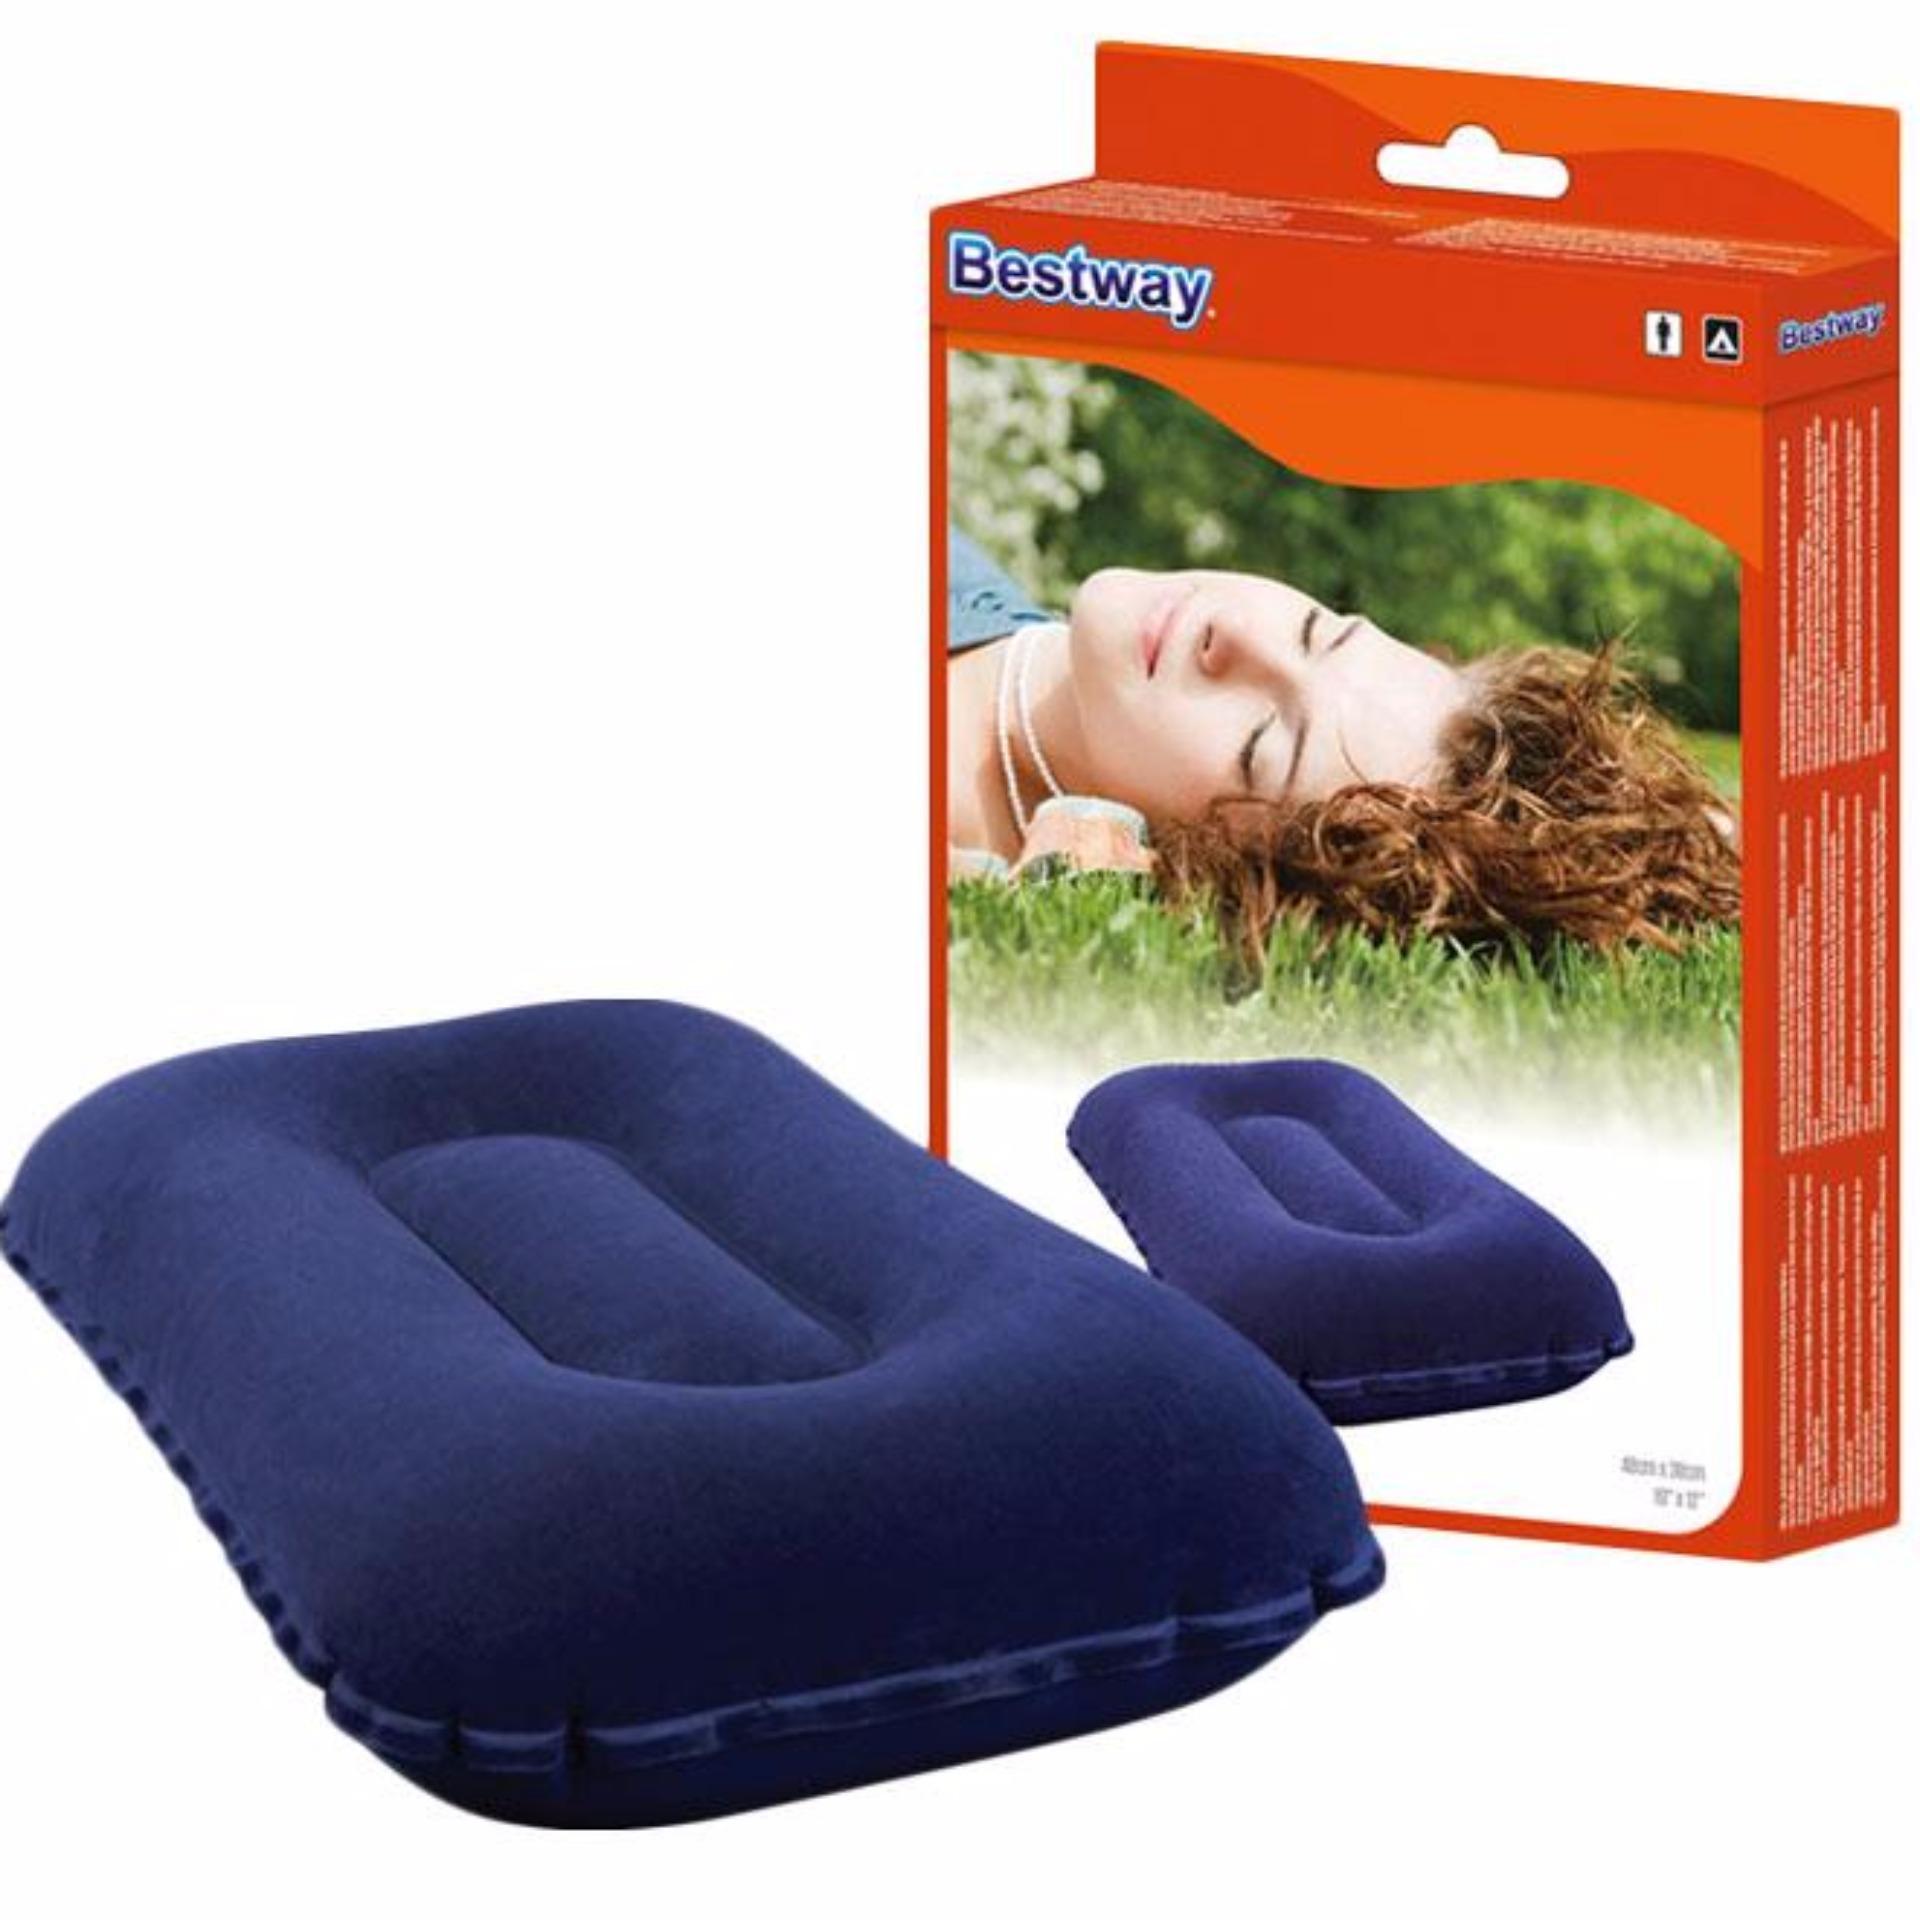 Jual Dsh Perlengkapan Travel Bantal Angin Camping Dan Piknik Bestway Import Branded Original